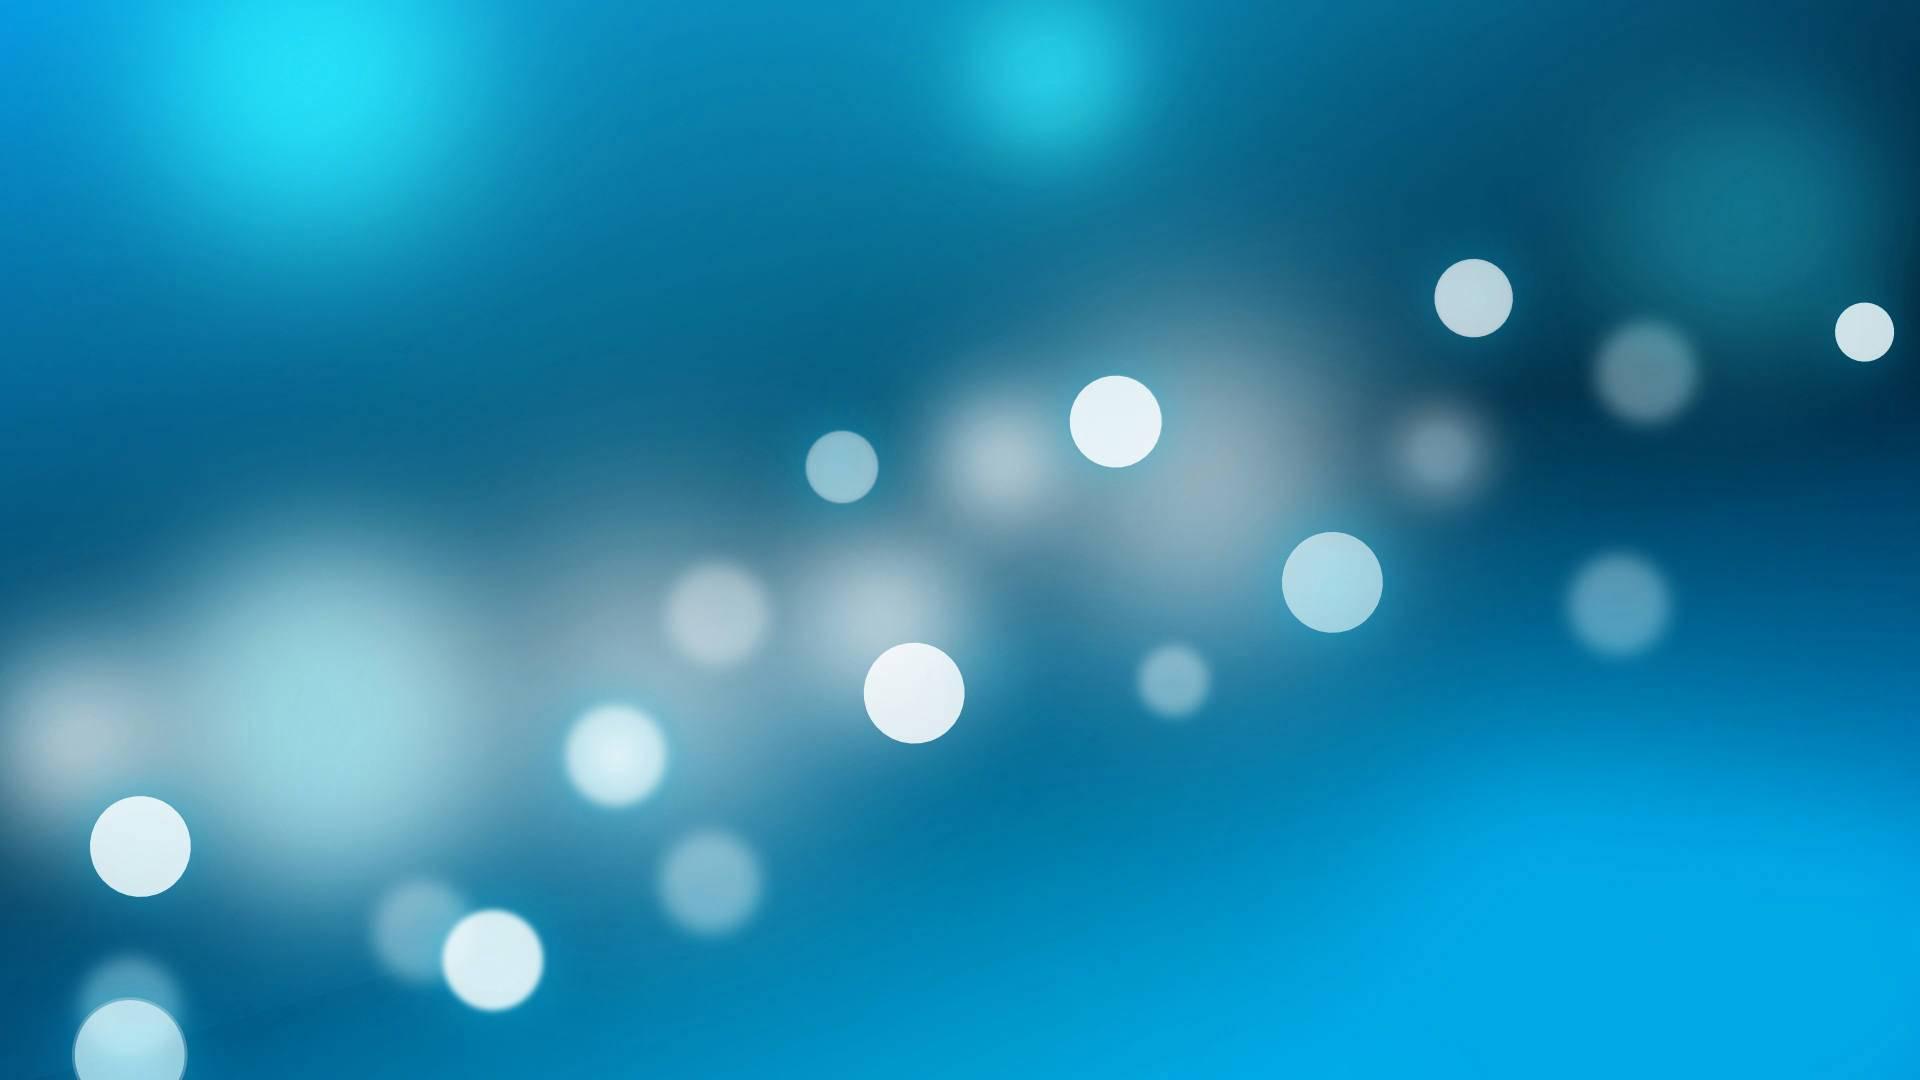 neon blue wallpaper HD 1920x1080